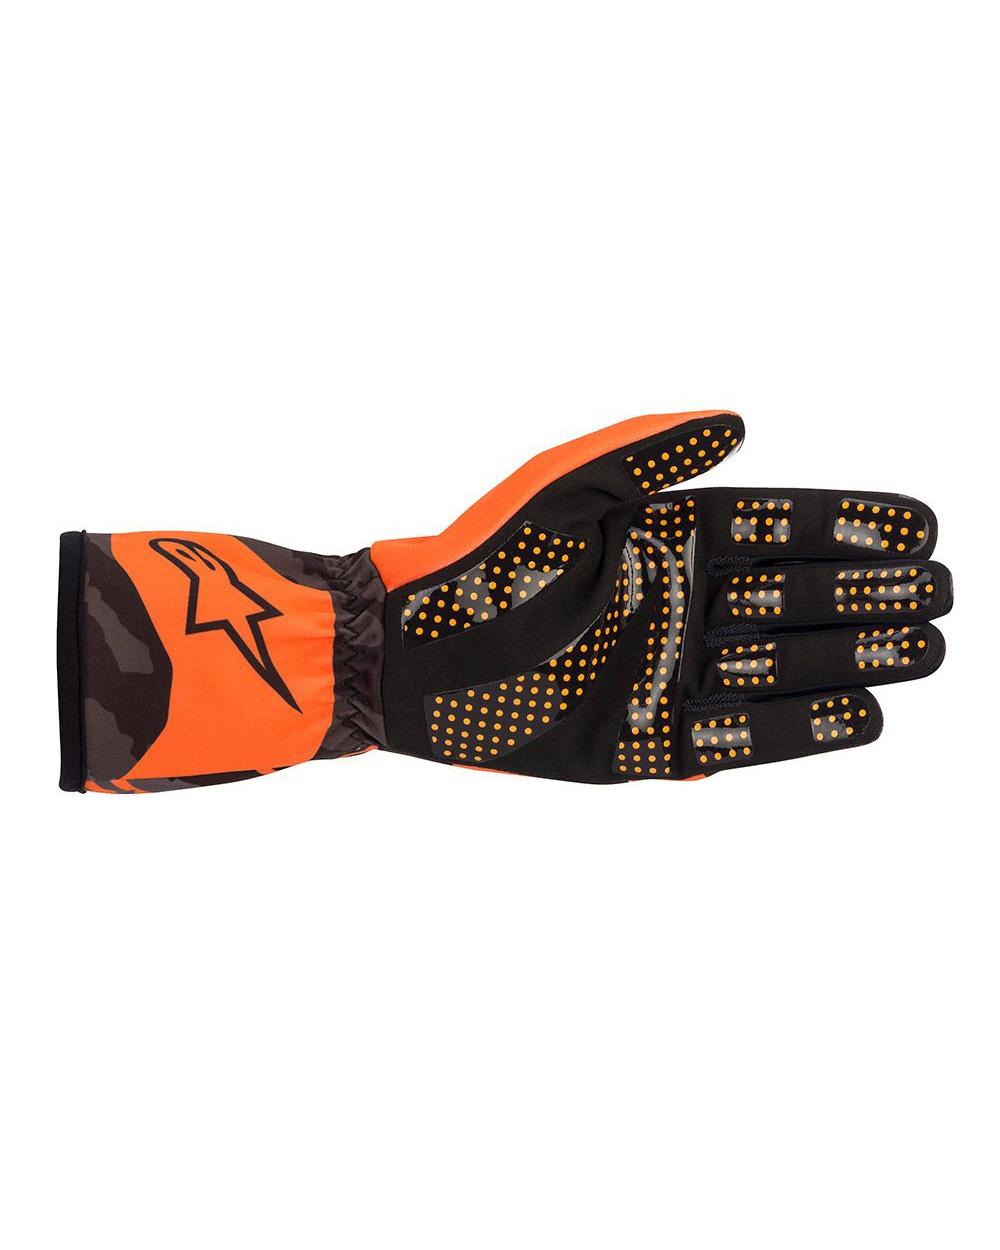 Alpinestars Tech-1K Race S V2 Camo Orange Fluo Black